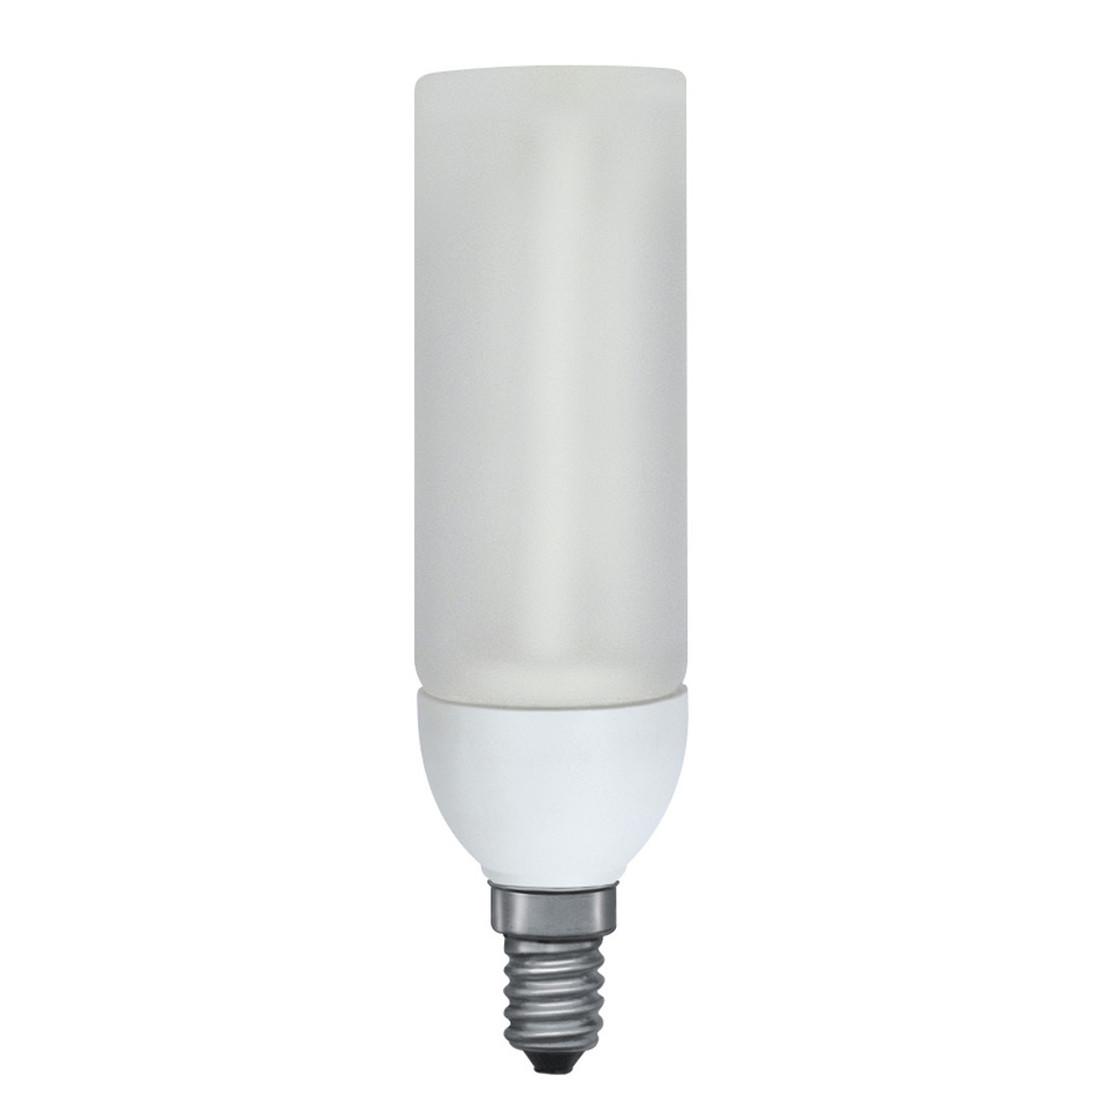 Paulmann decopipe energiesparlampe 9w warmweiss e14 for Lampen rampe